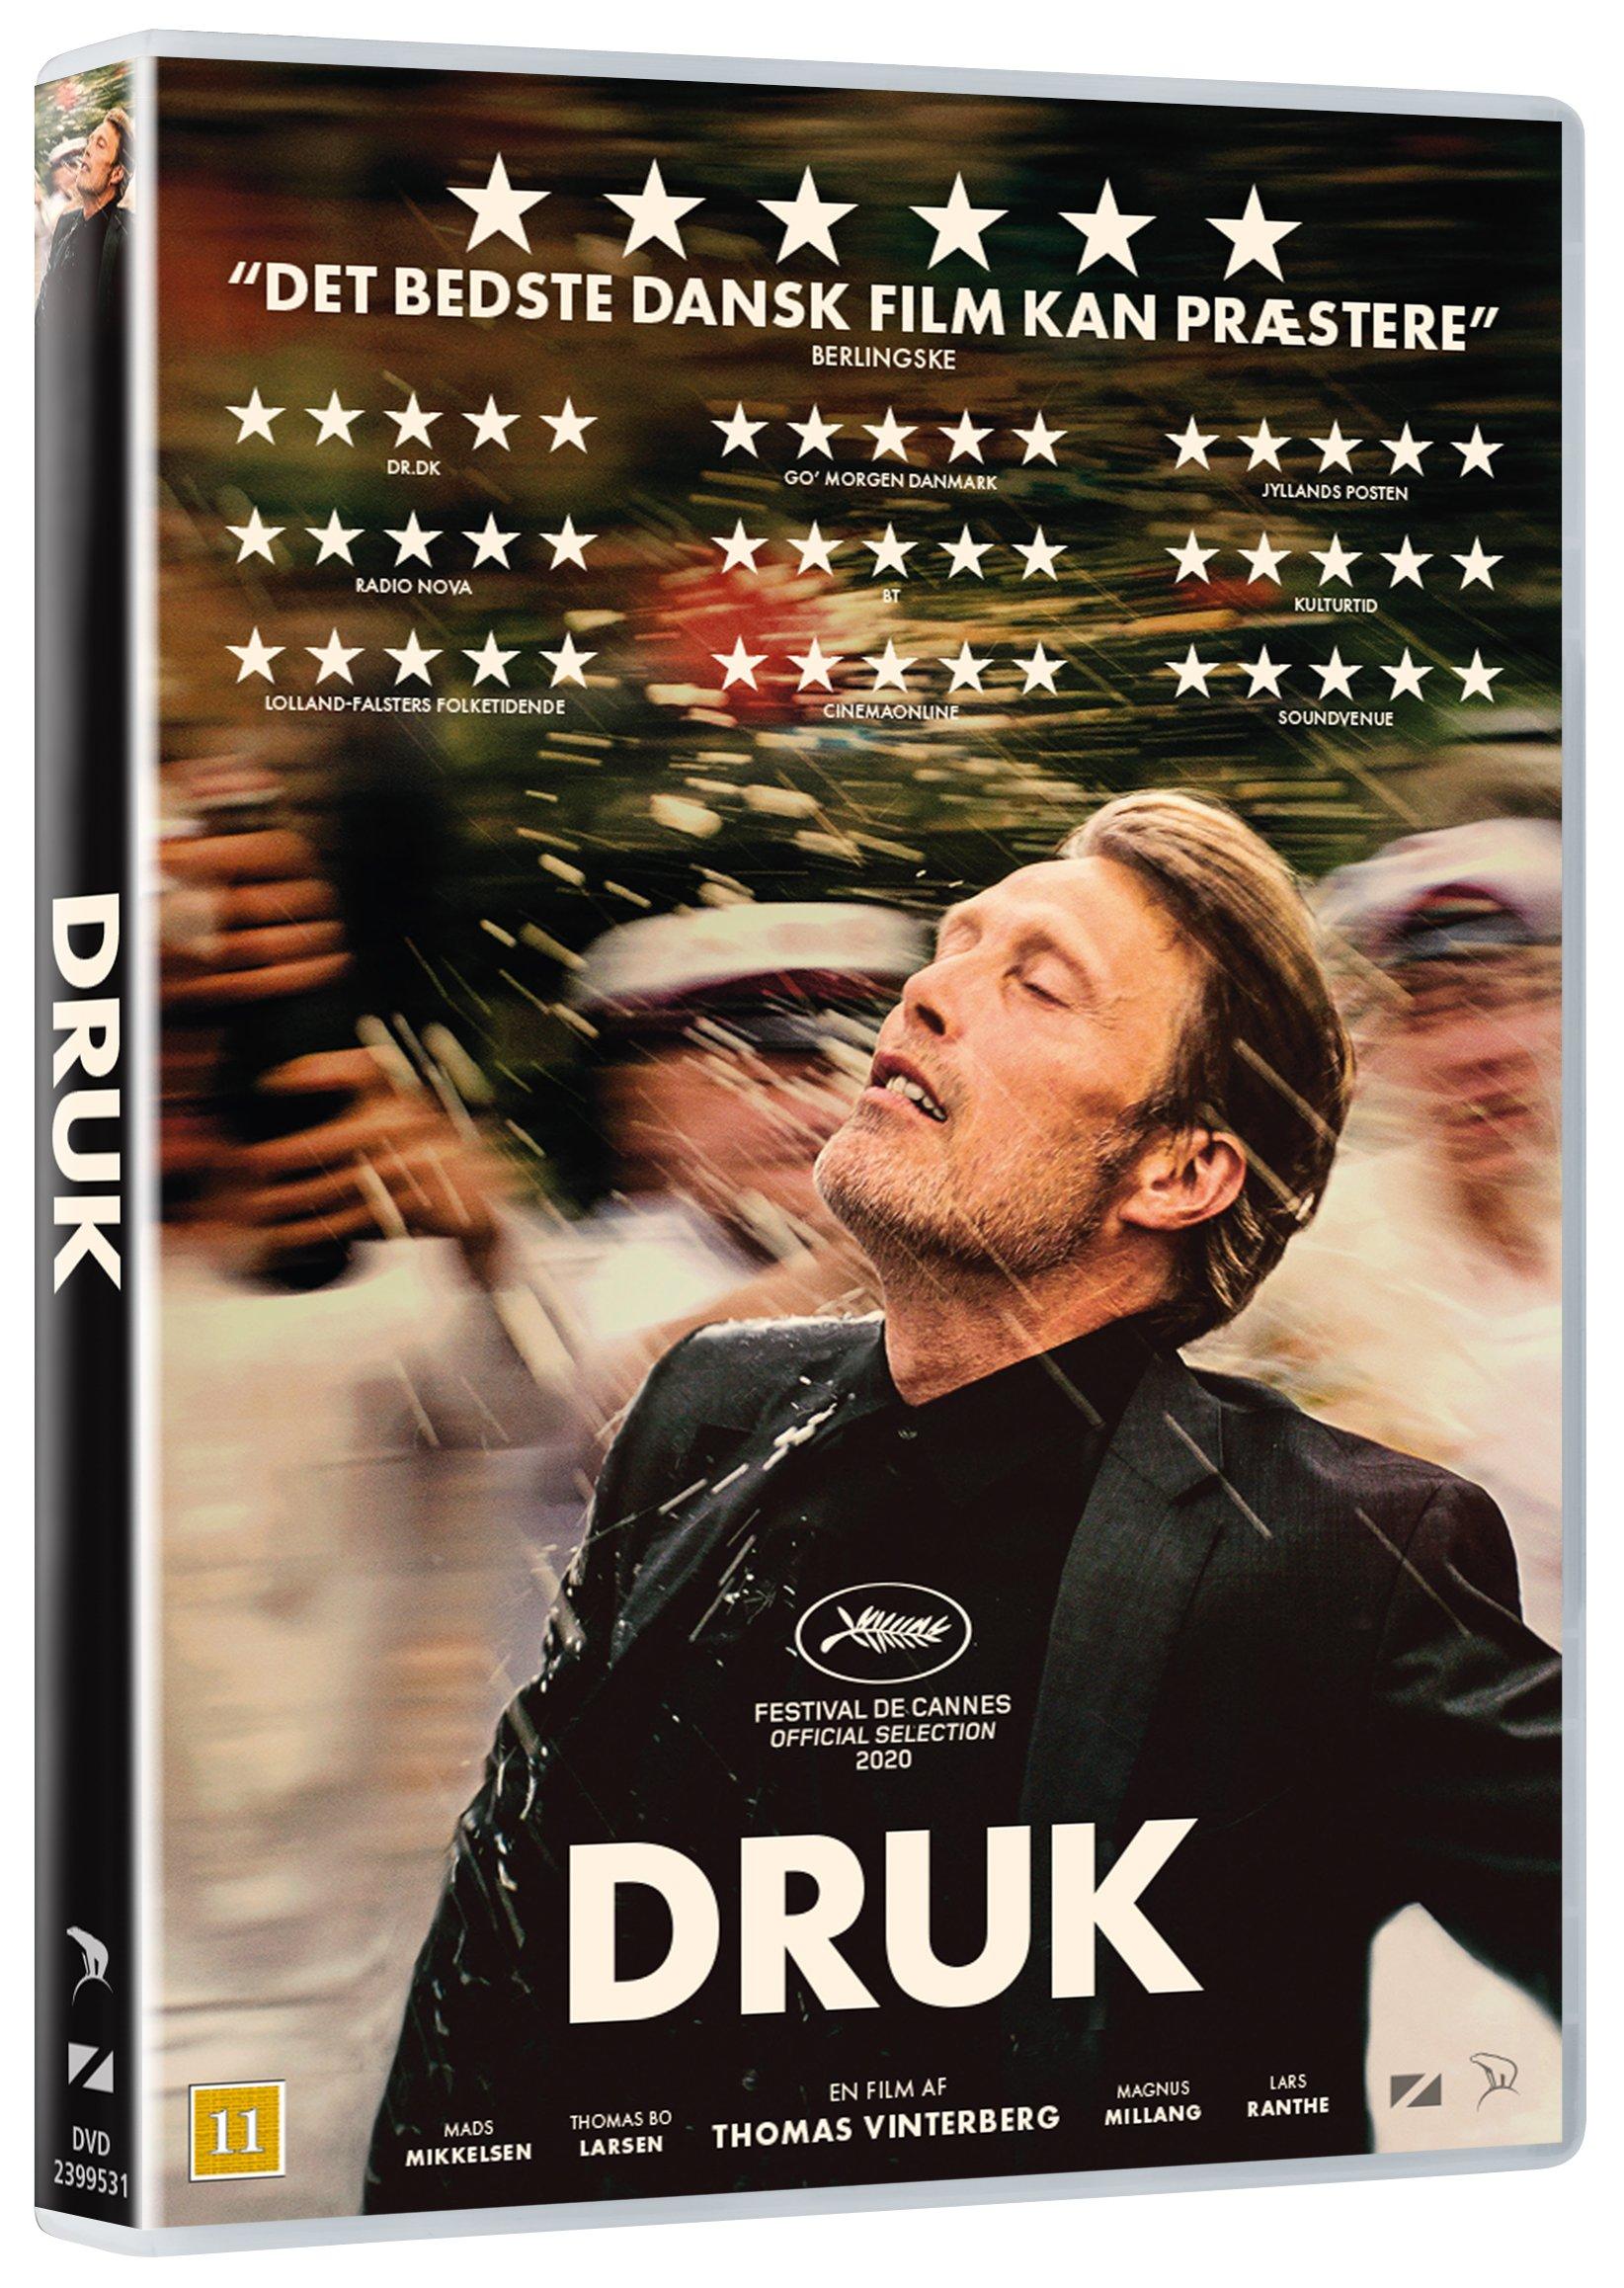 Dansk Dvd Shop